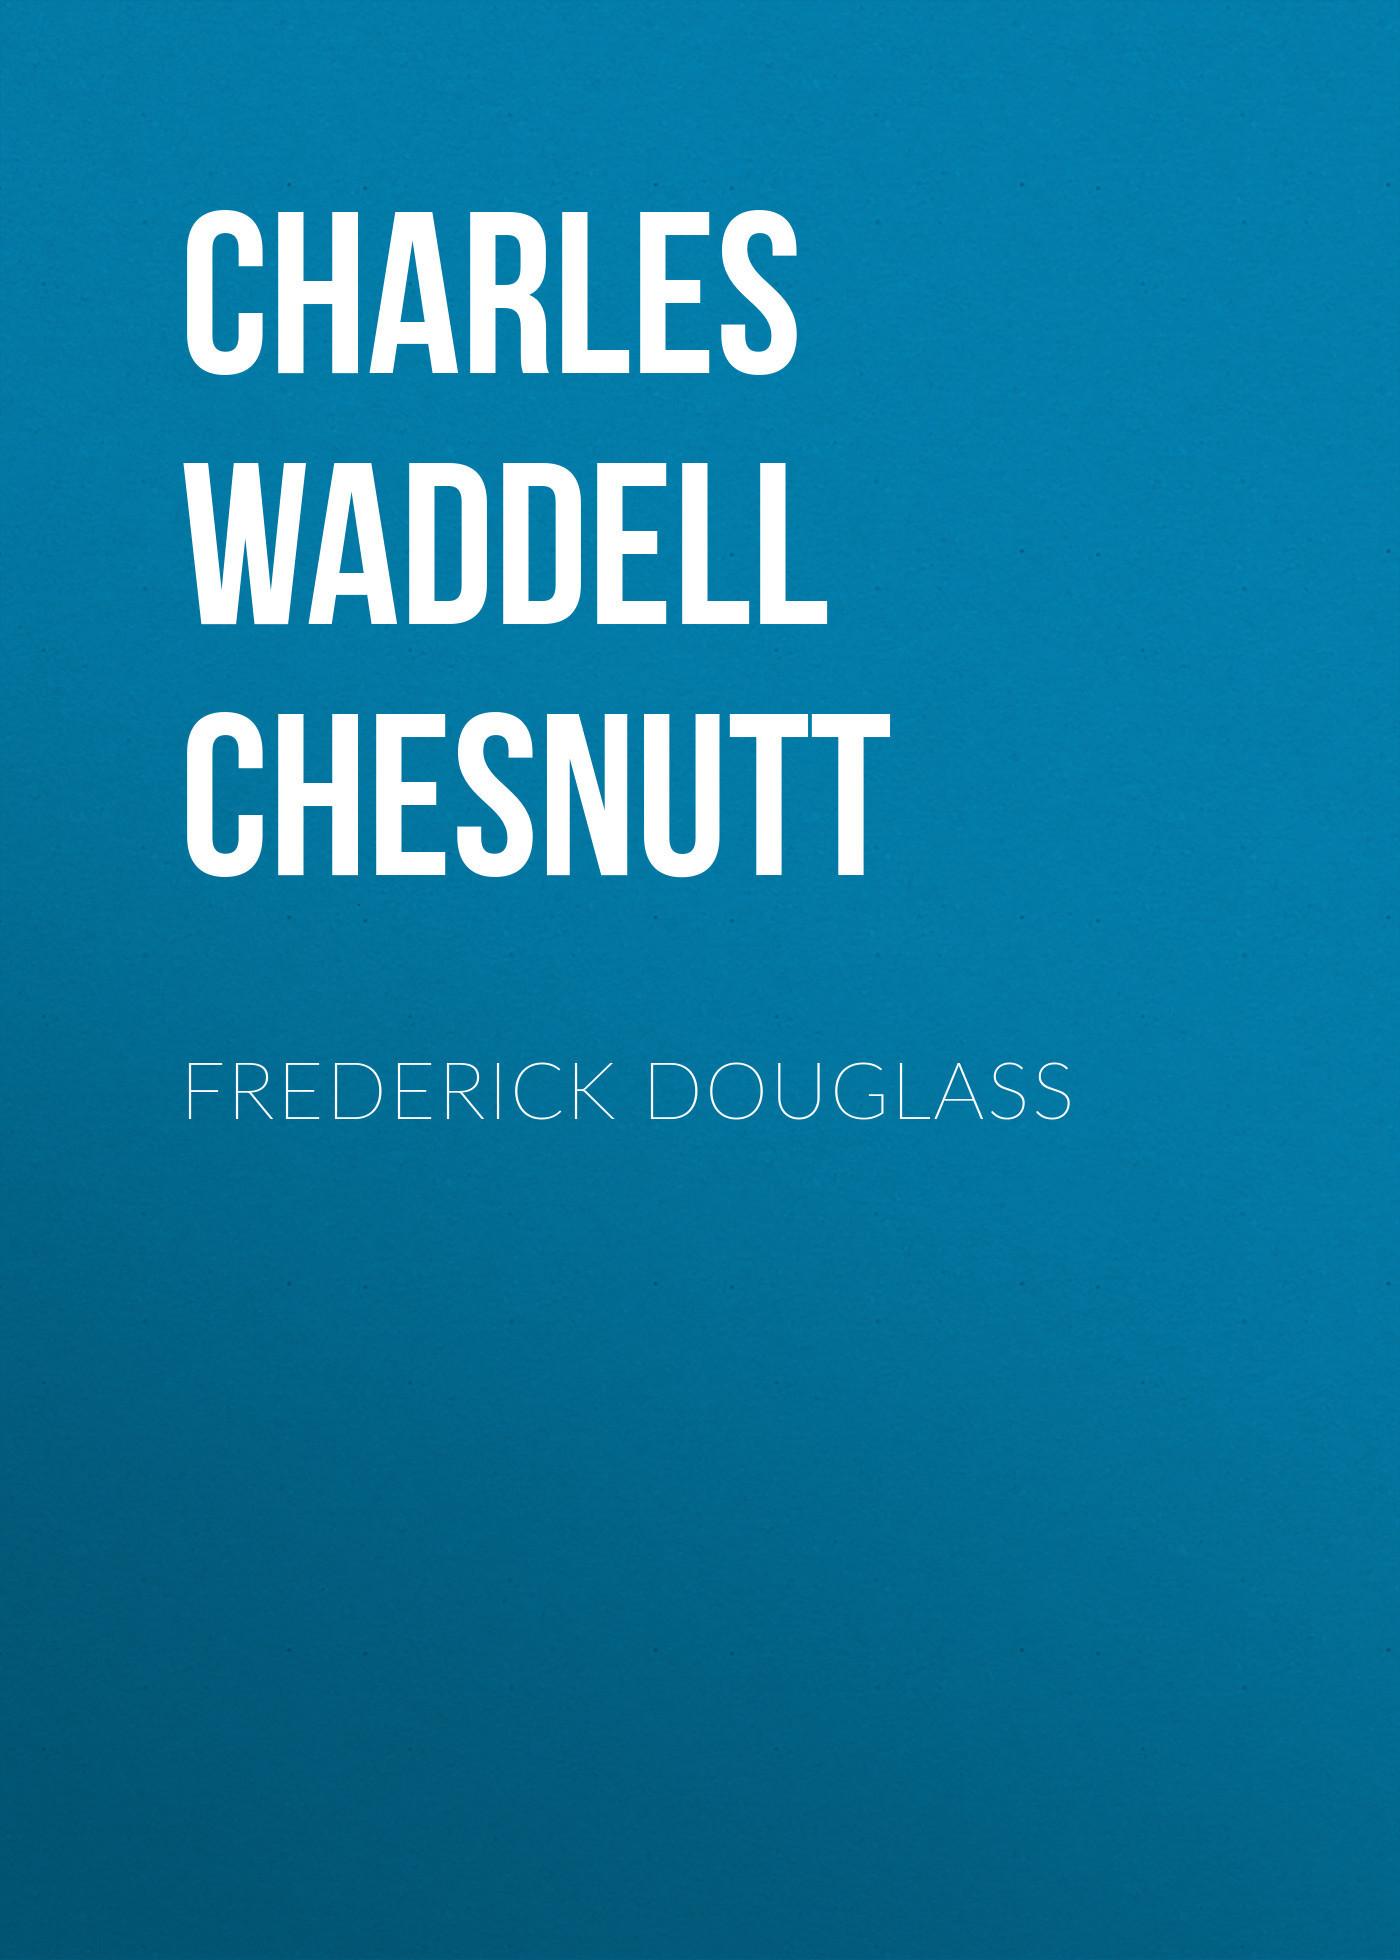 Charles Waddell Chesnutt Frederick Douglass frederick step 3